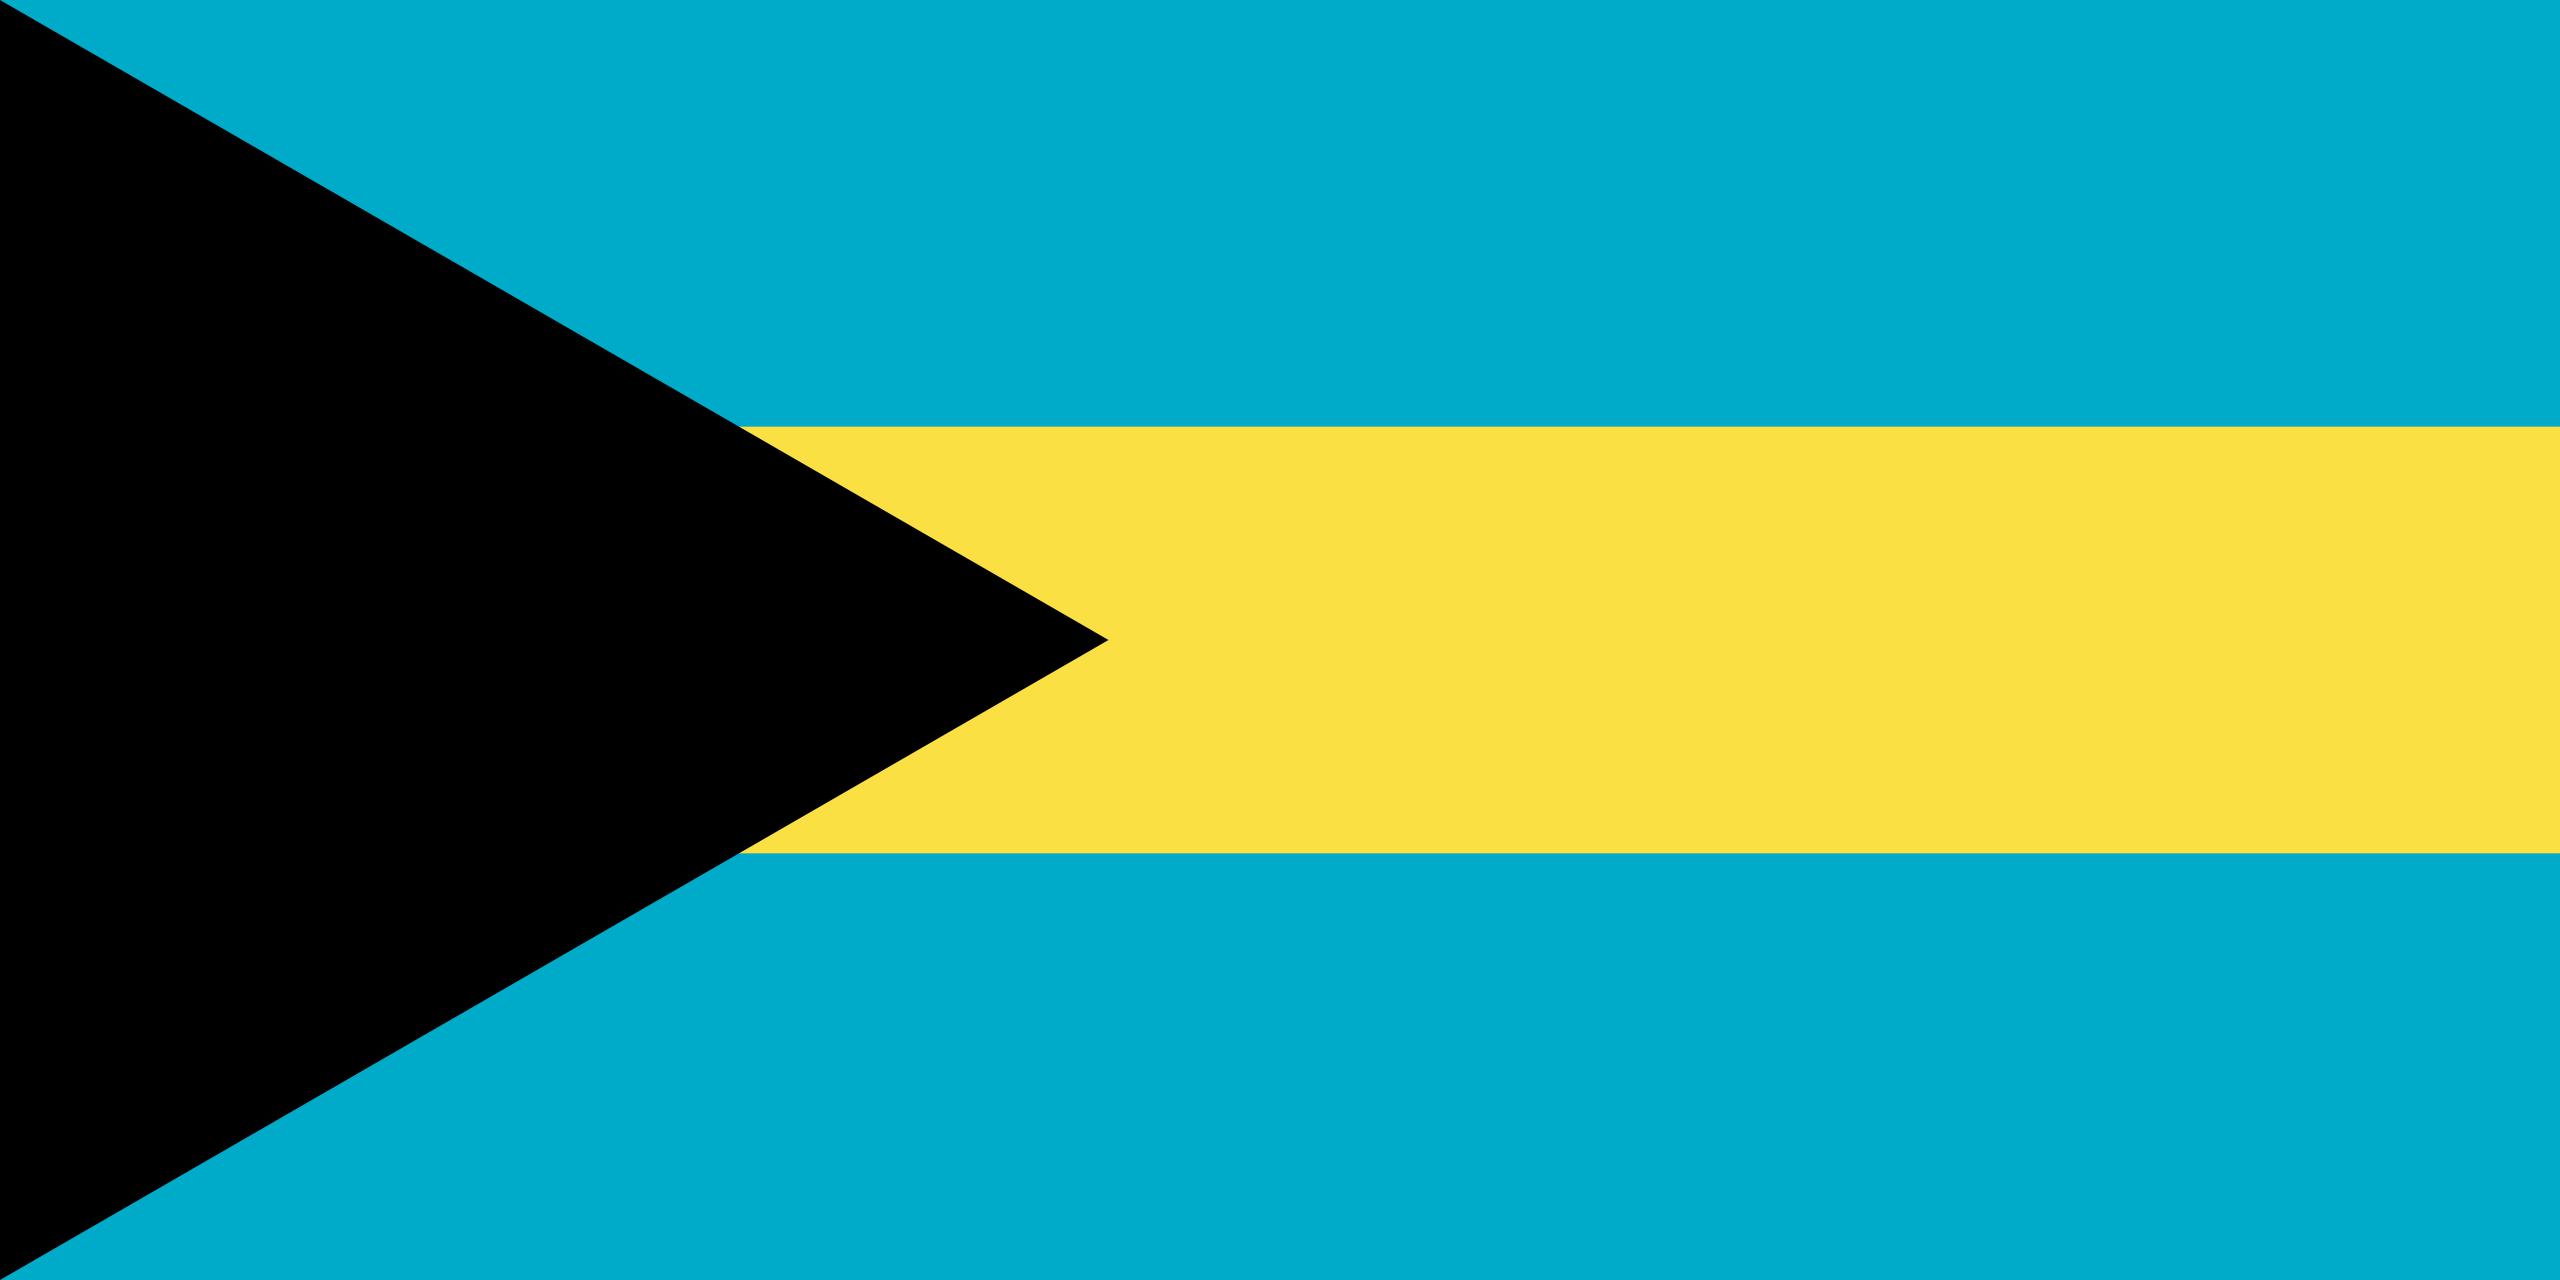 جزر البهاما, البلد, emblema, شعار, الرمز - خلفيات عالية الدقة - أستاذ falken.com